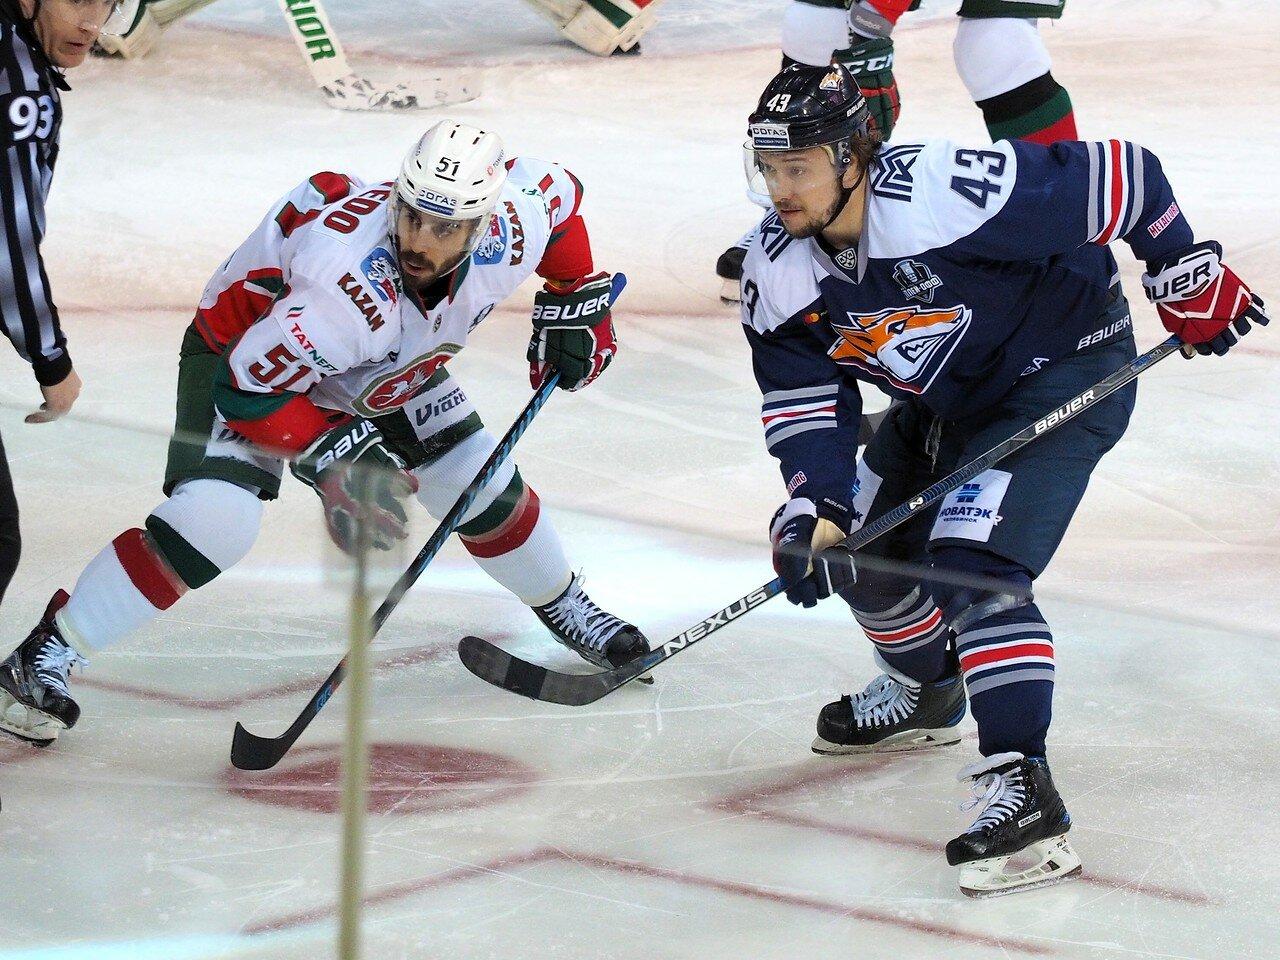 47 Первая игра финала плей-офф восточной конференции 2017 Металлург - АкБарс 24.03.2017